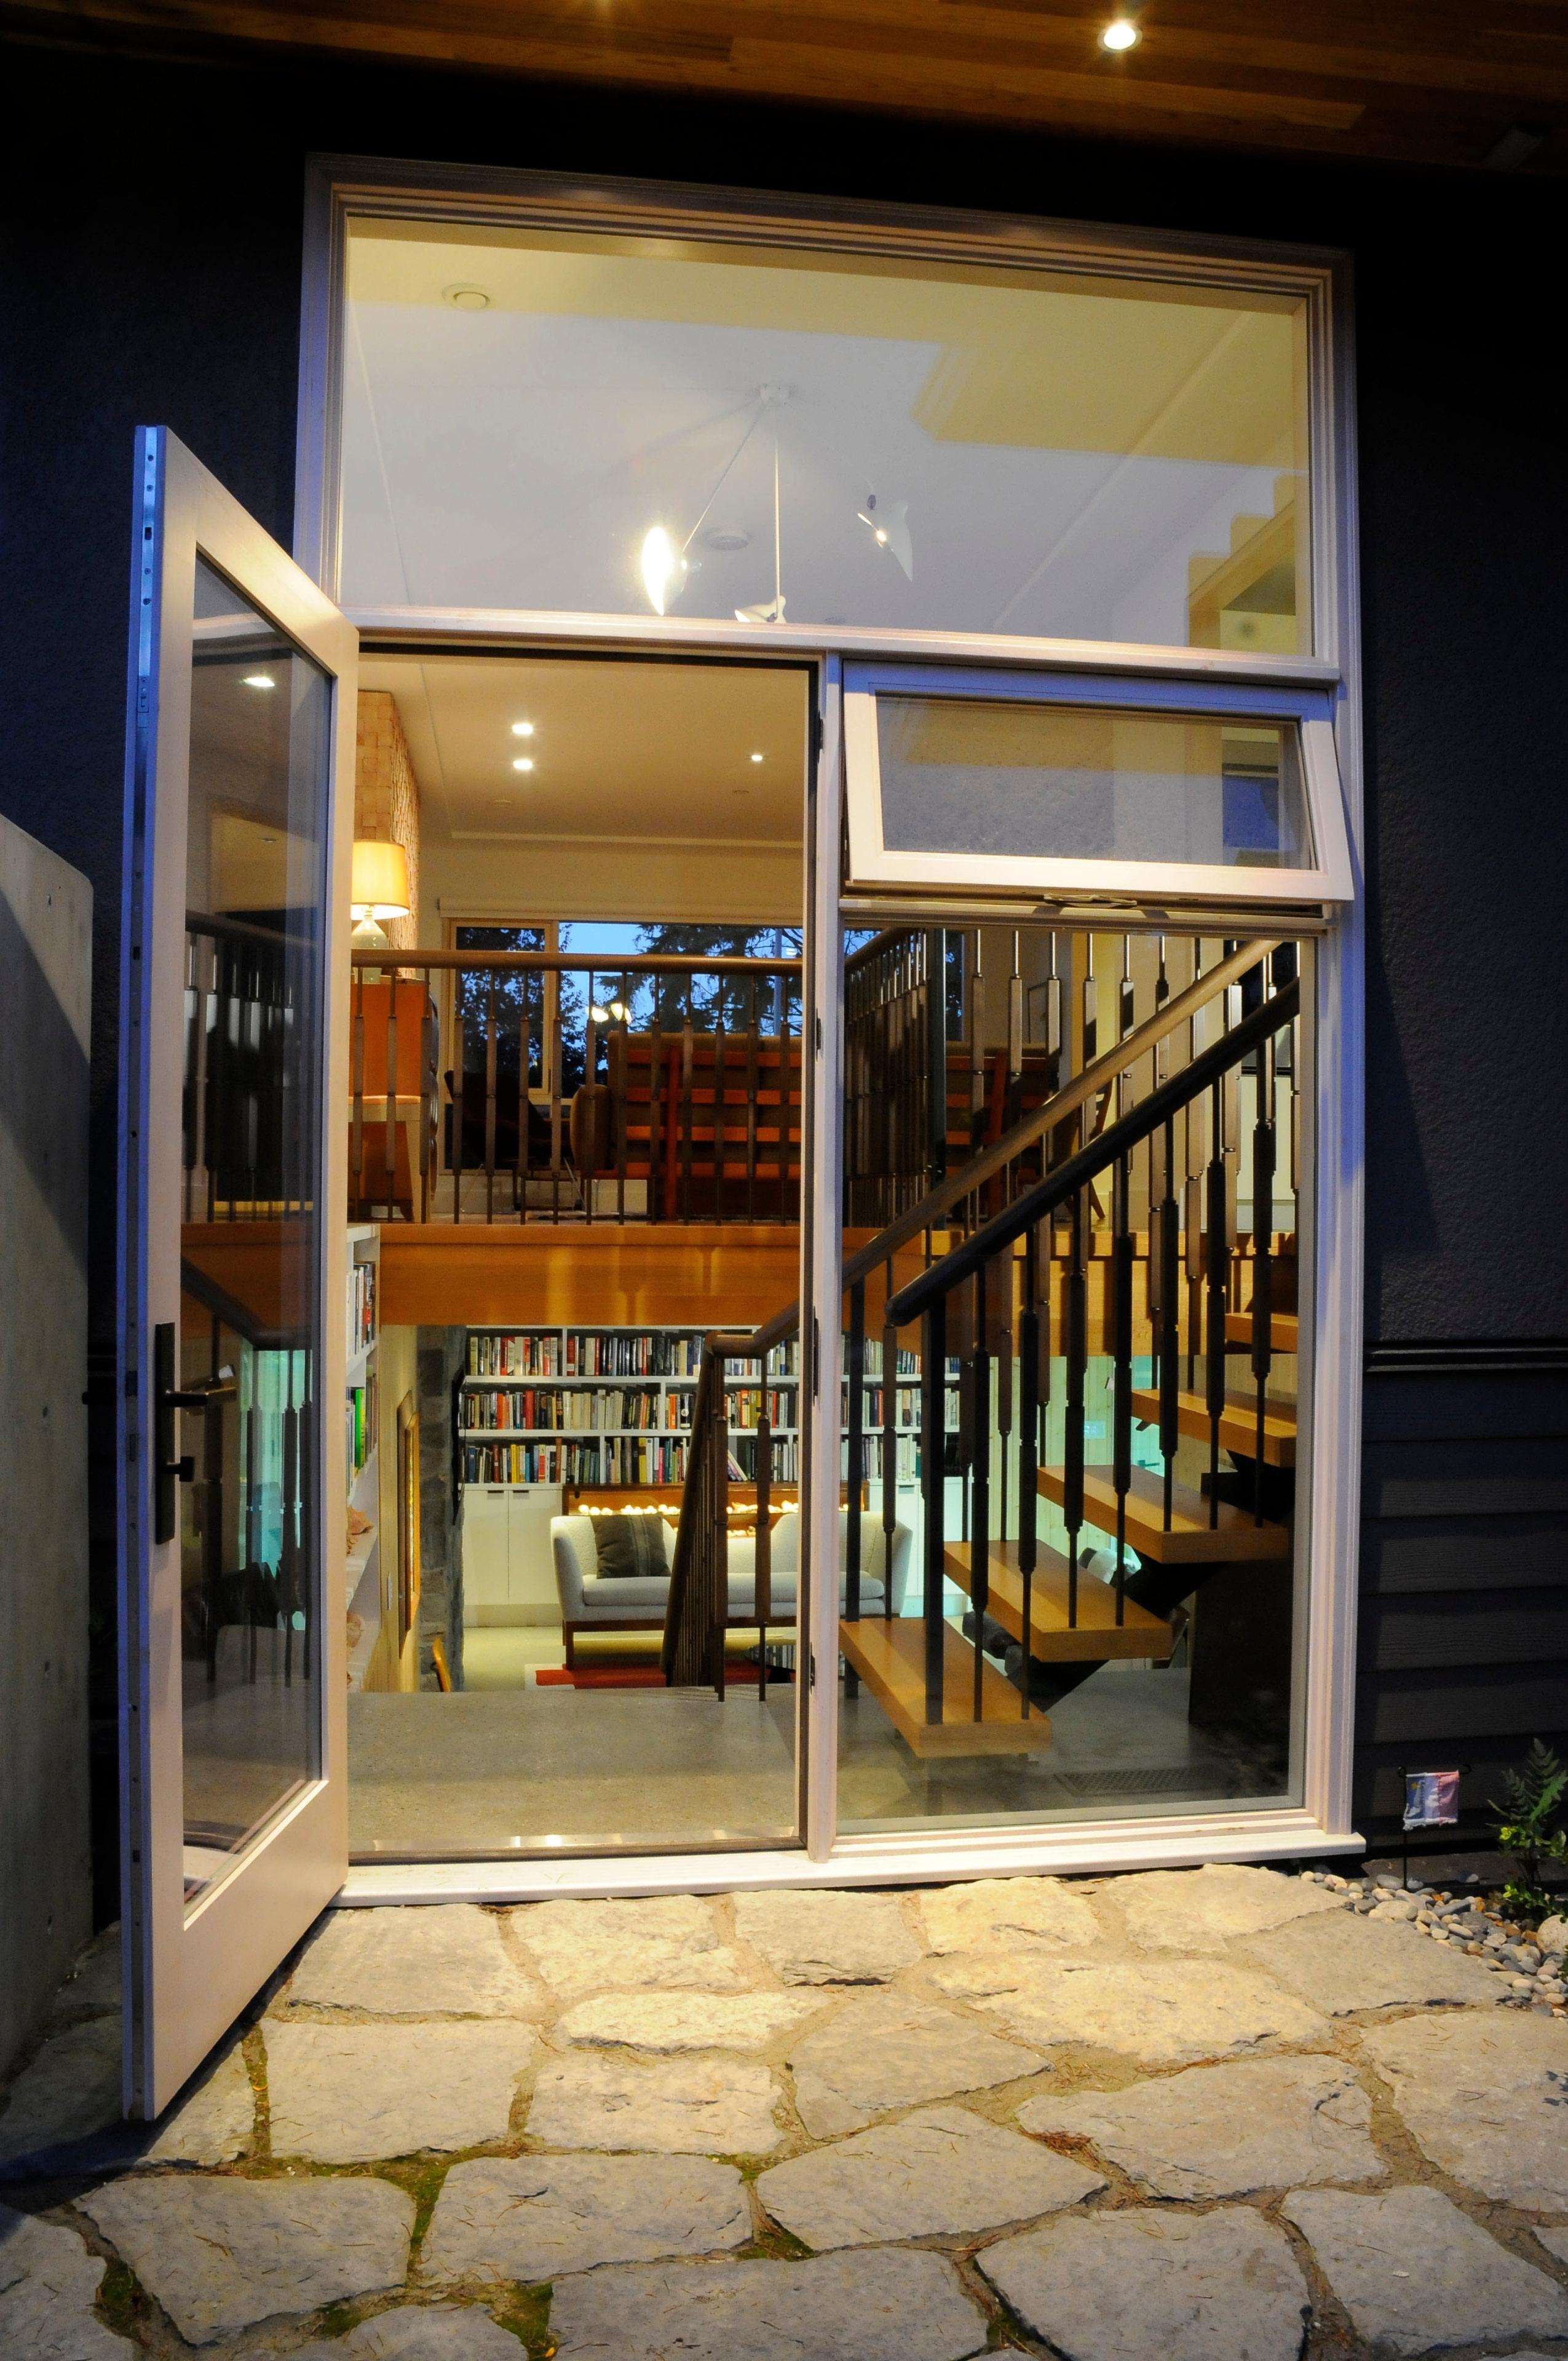 Maison d 39 etre design build for Maison etre